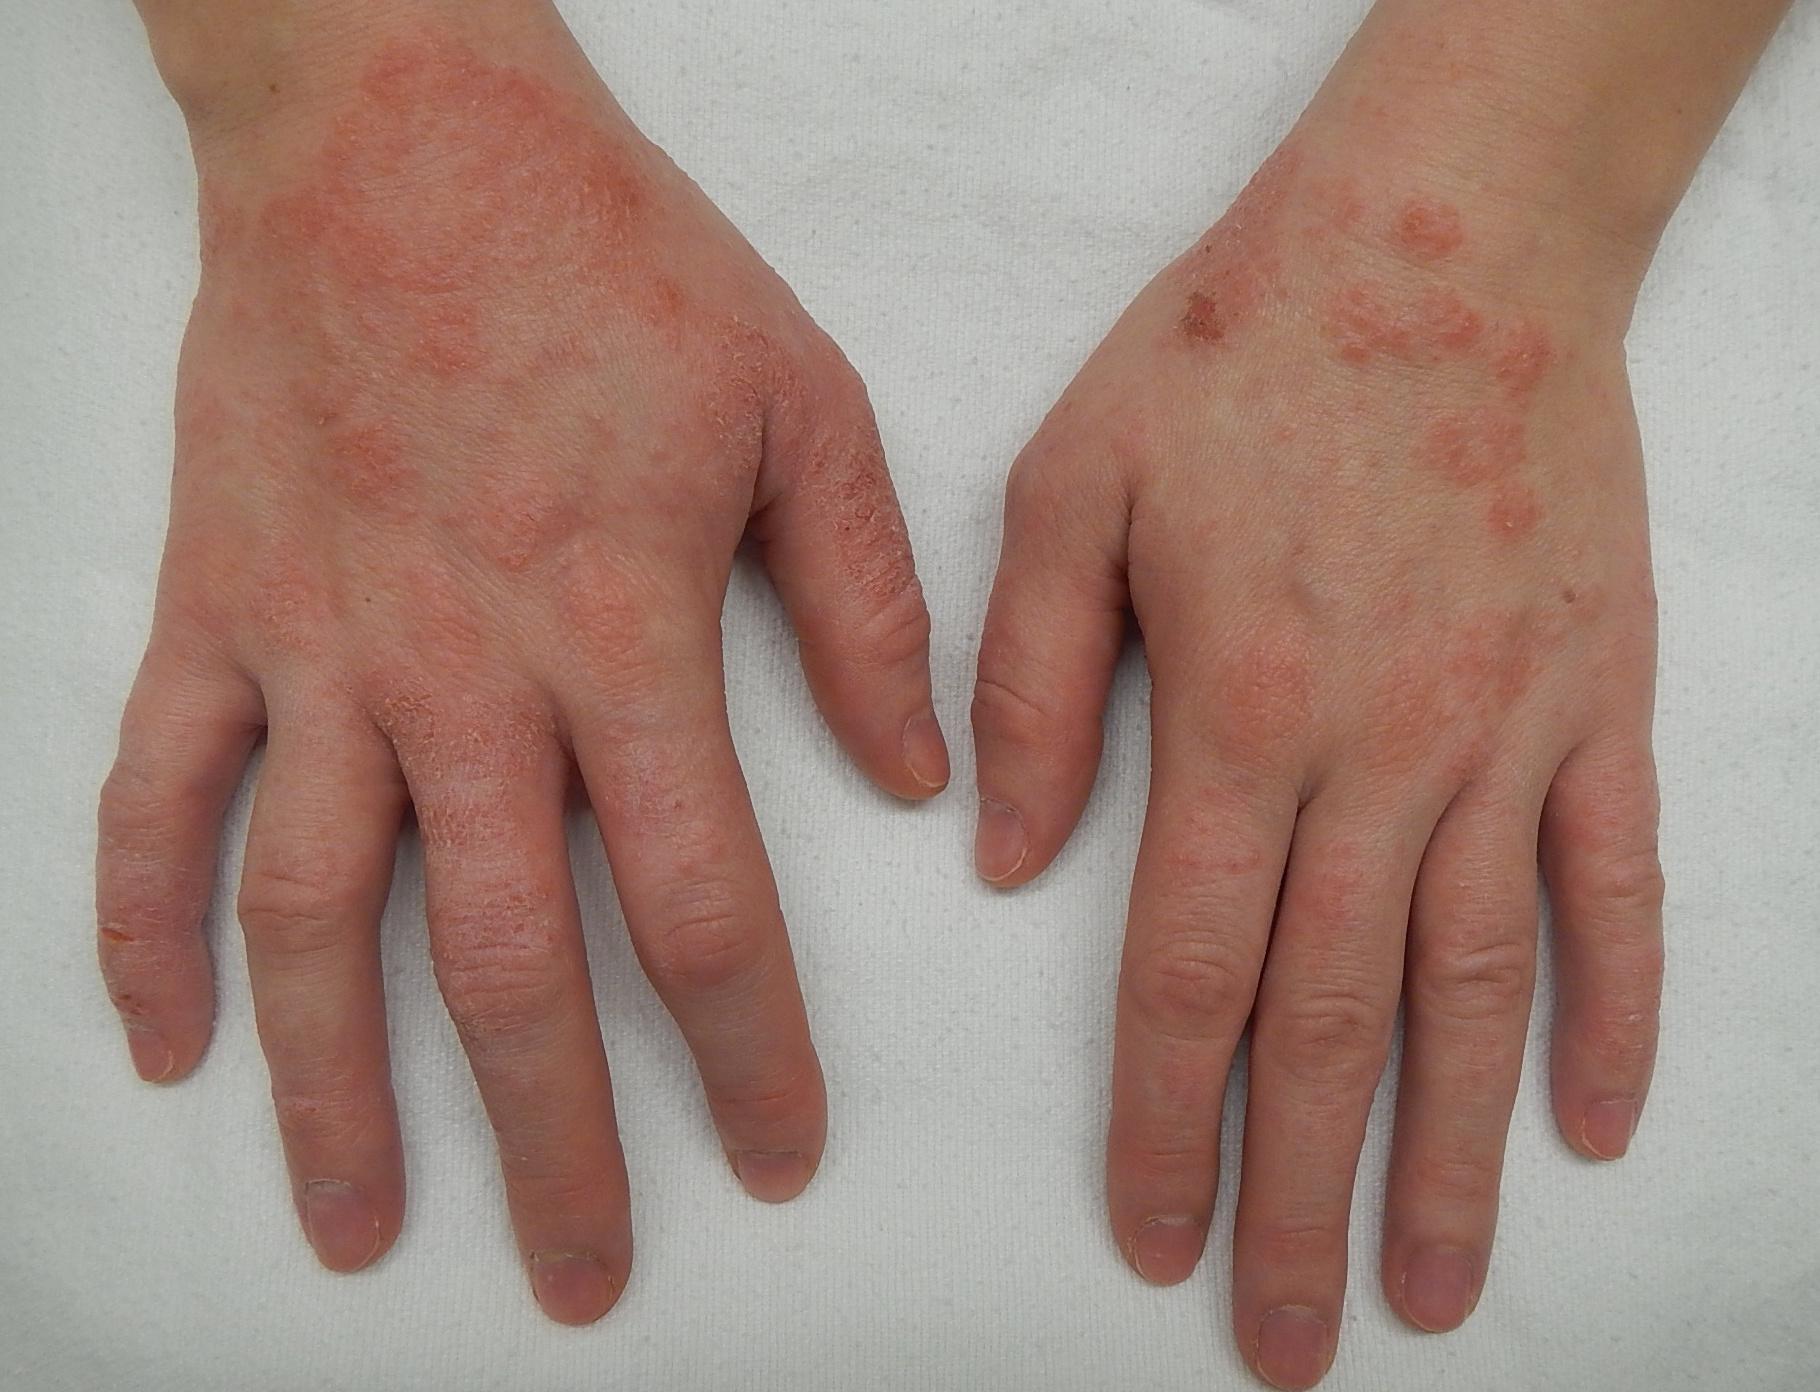 vörös foltok a kezek bőrén mi ez